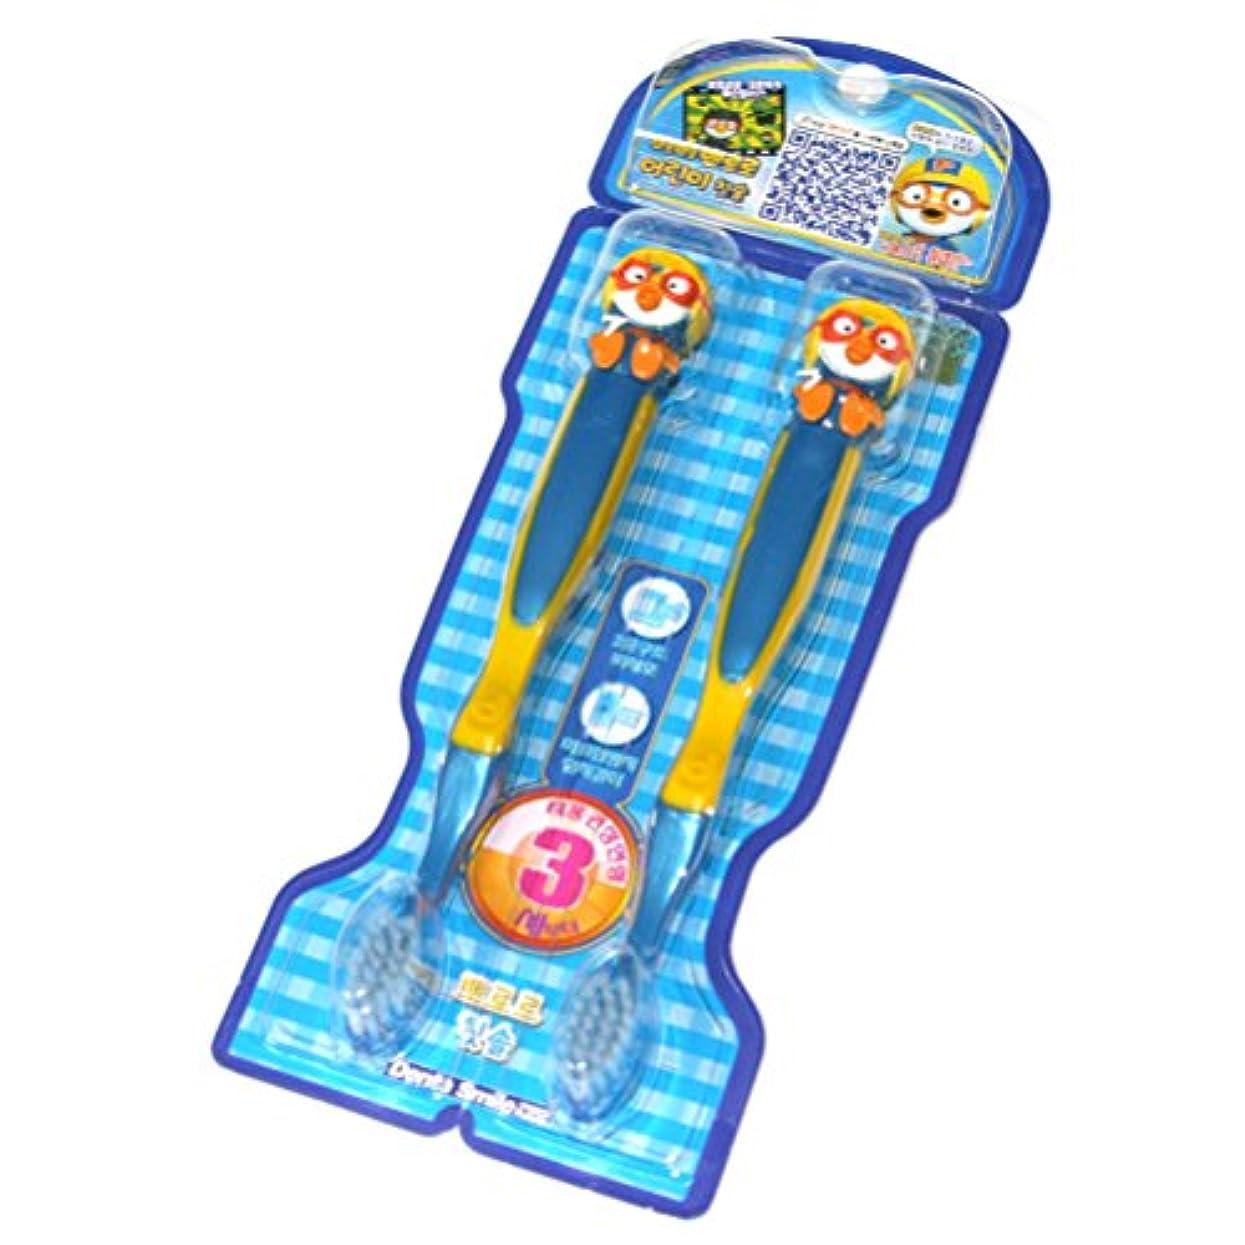 シェーバー噴火チャンピオンPORORO Toothbrush For Kids 2ea set (PORORO) ポロロ 子供用 歯ブラシ2ea set (ポロロ ) [並行輸入品]